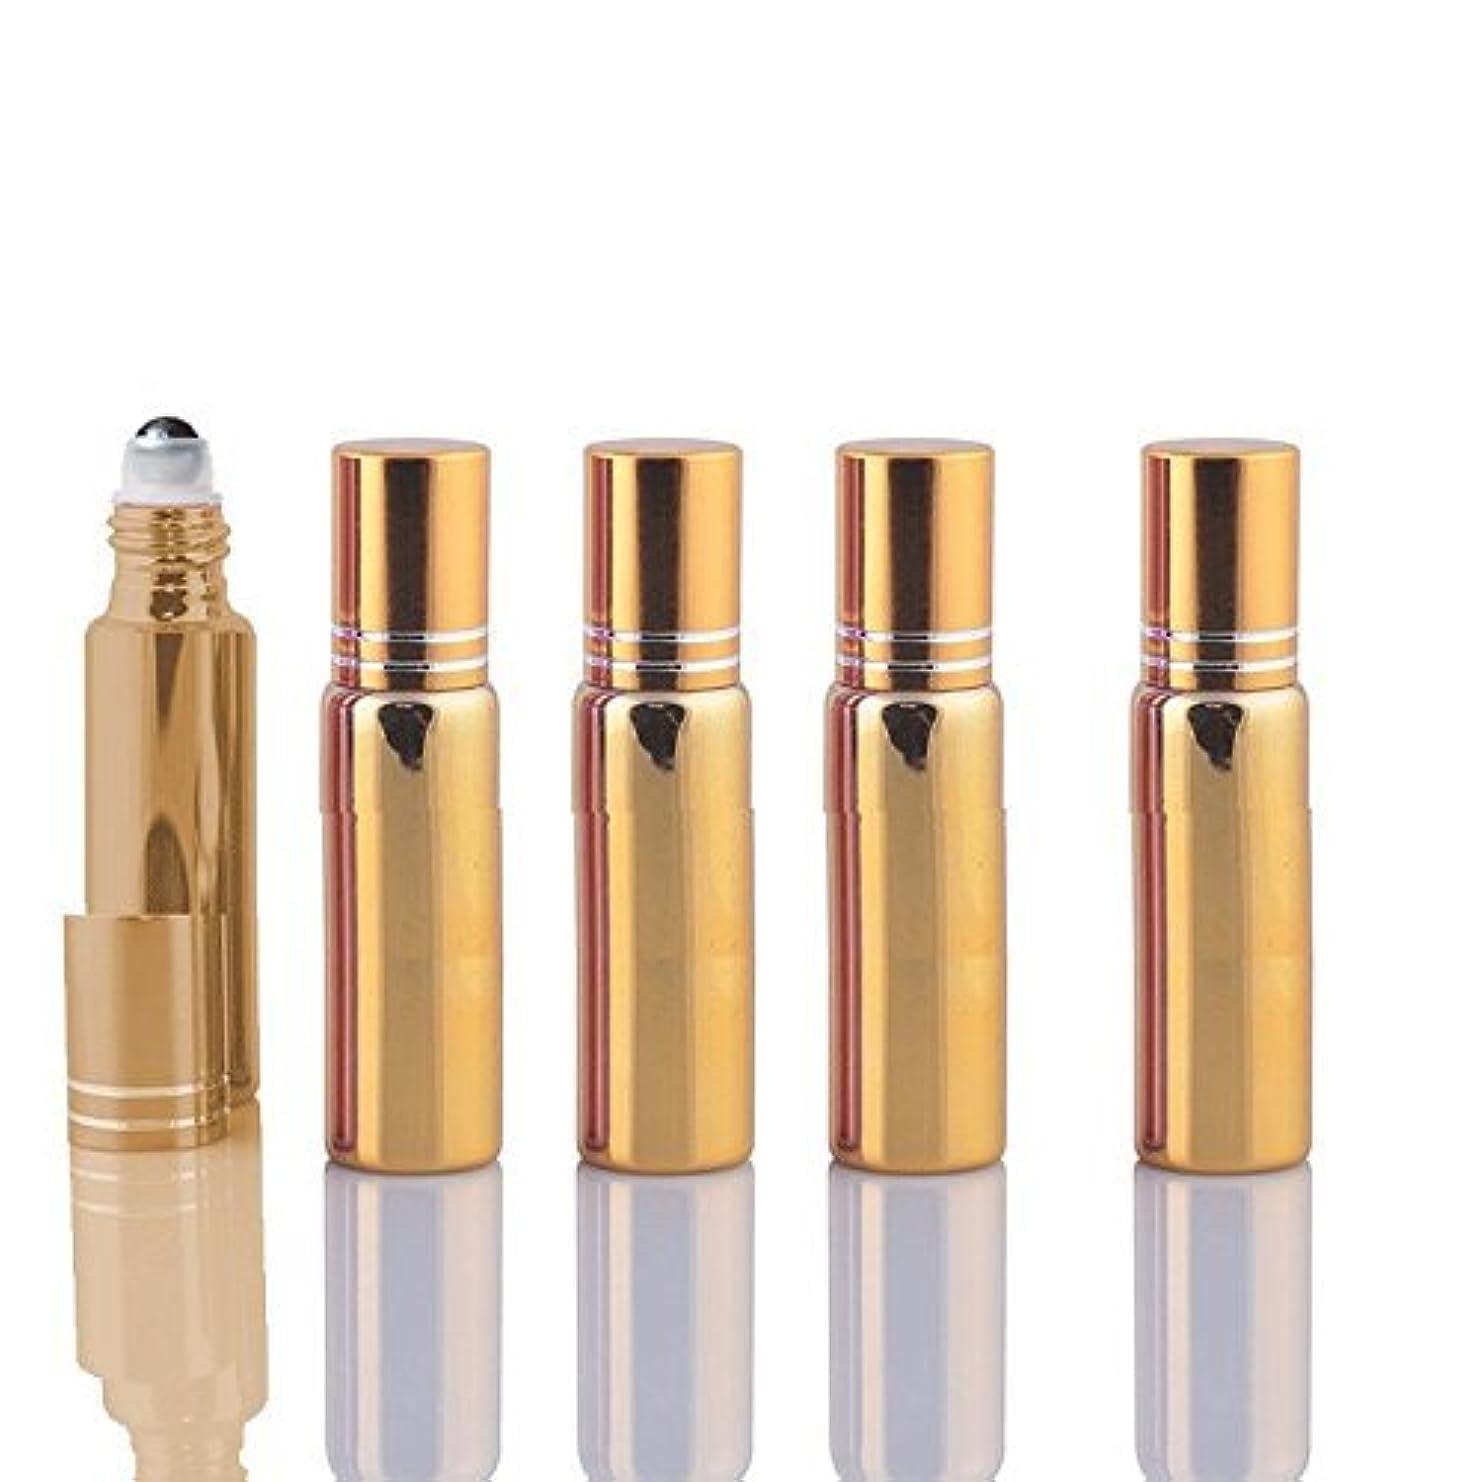 文化円形翻訳する10 Sets Colored 5ml UV Coated Glass Roller Ball Refillable Rollon Bottles Grand Parfums with Stainless Steel Rollers for Essential Oil, Serums, Fragrance (Gold) [並行輸入品]